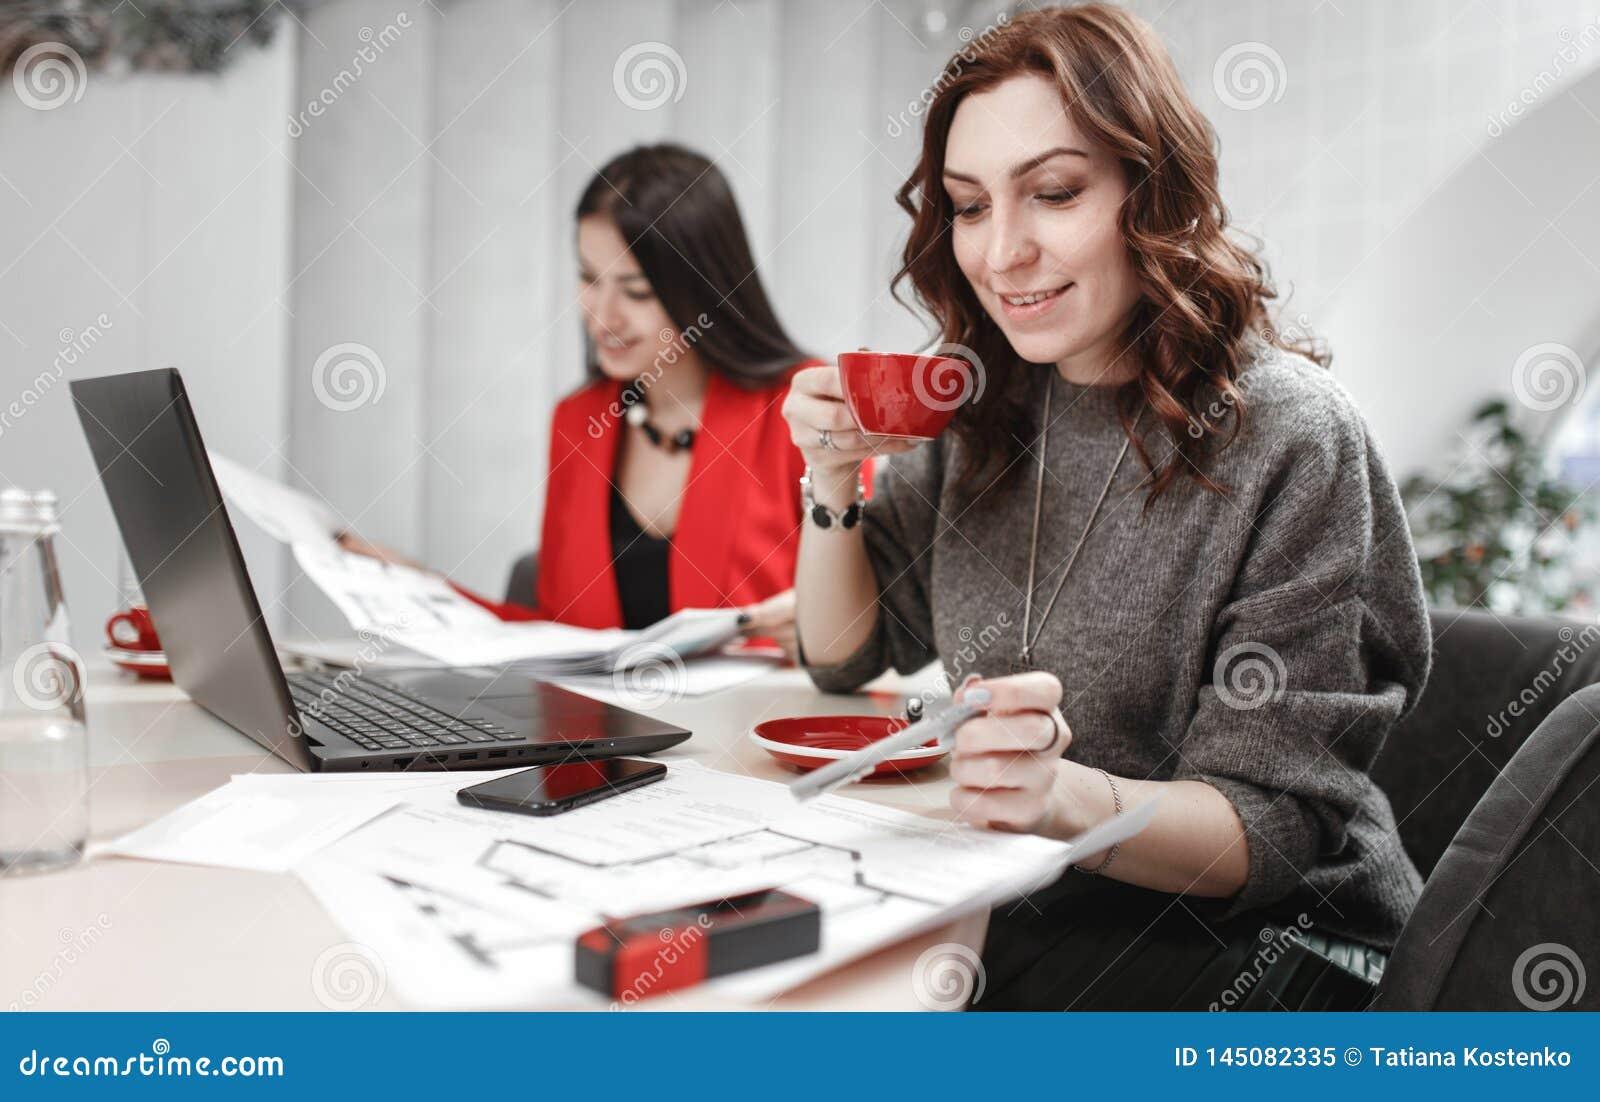 Un gruppo di un progettista di due giovani donne sta lavorando al progetto di progettazione di seduta interna allo scrittorio con